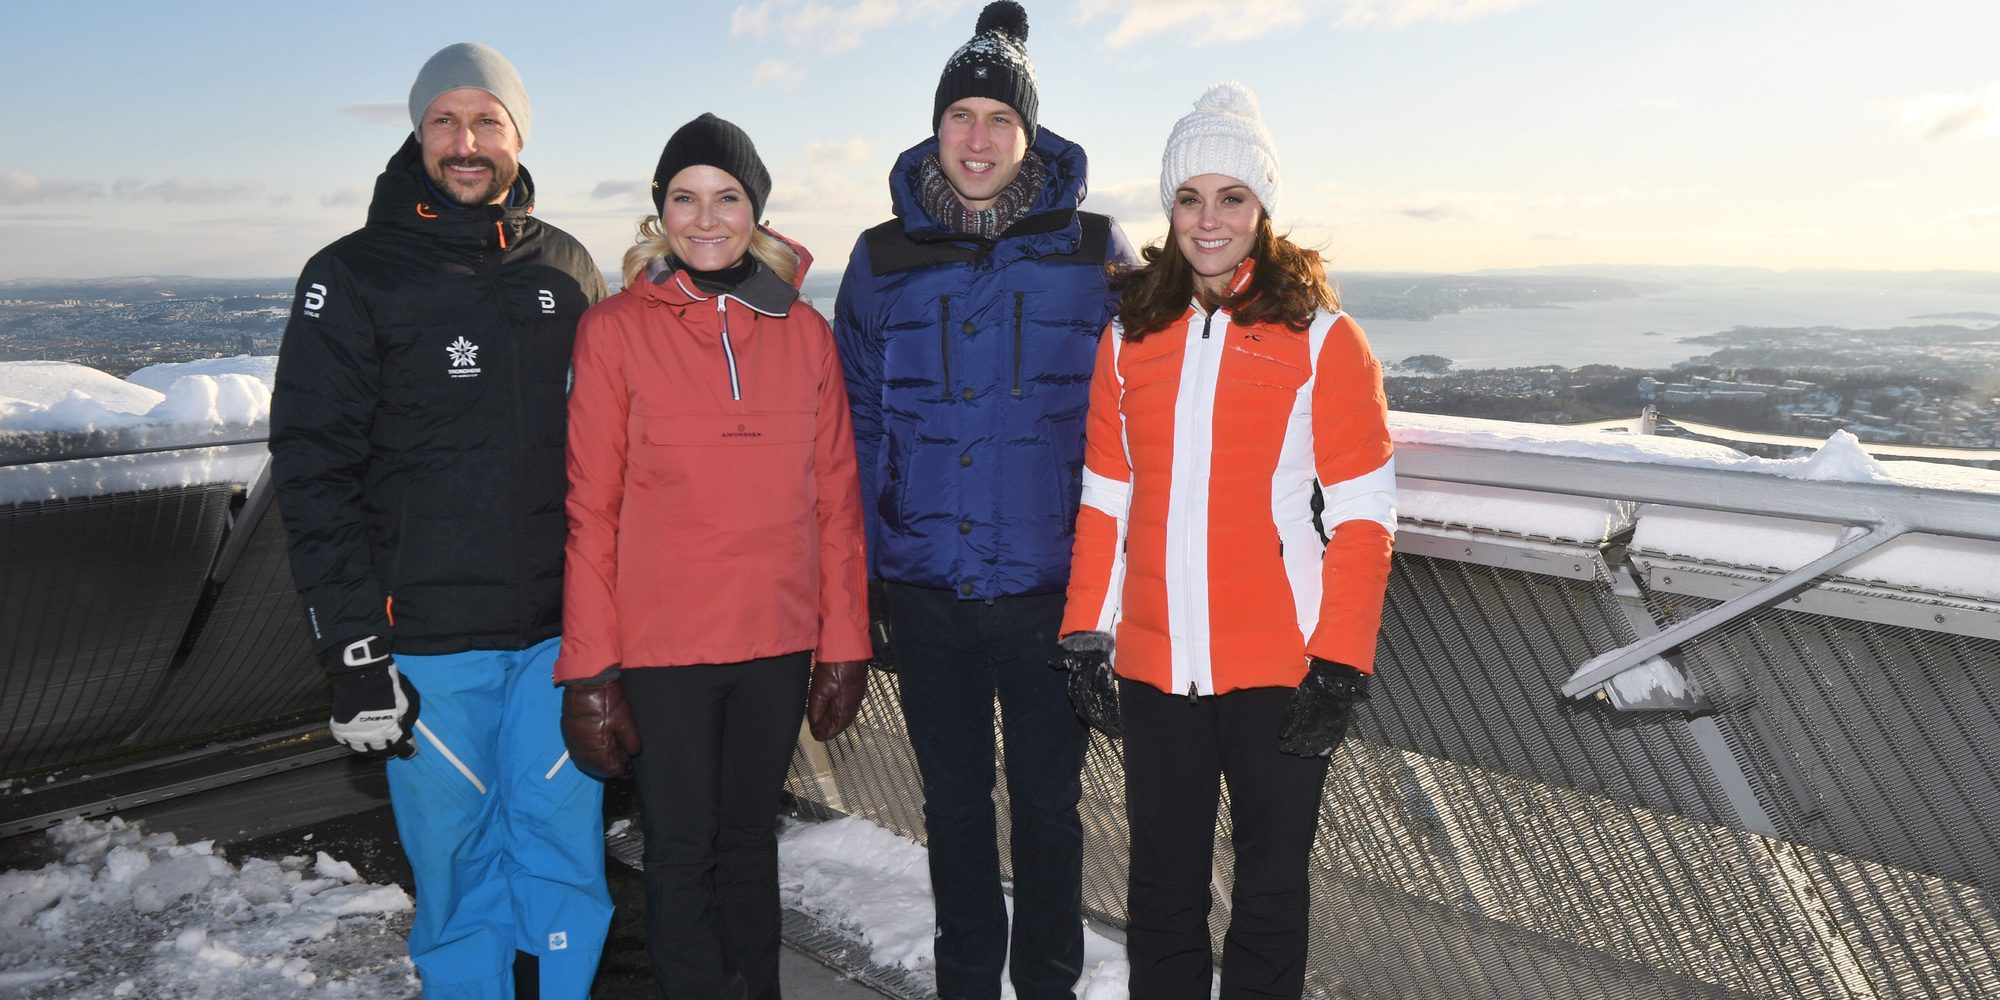 Los Duques de Cambridge disfrutan de la nieve en su último día en Noruega